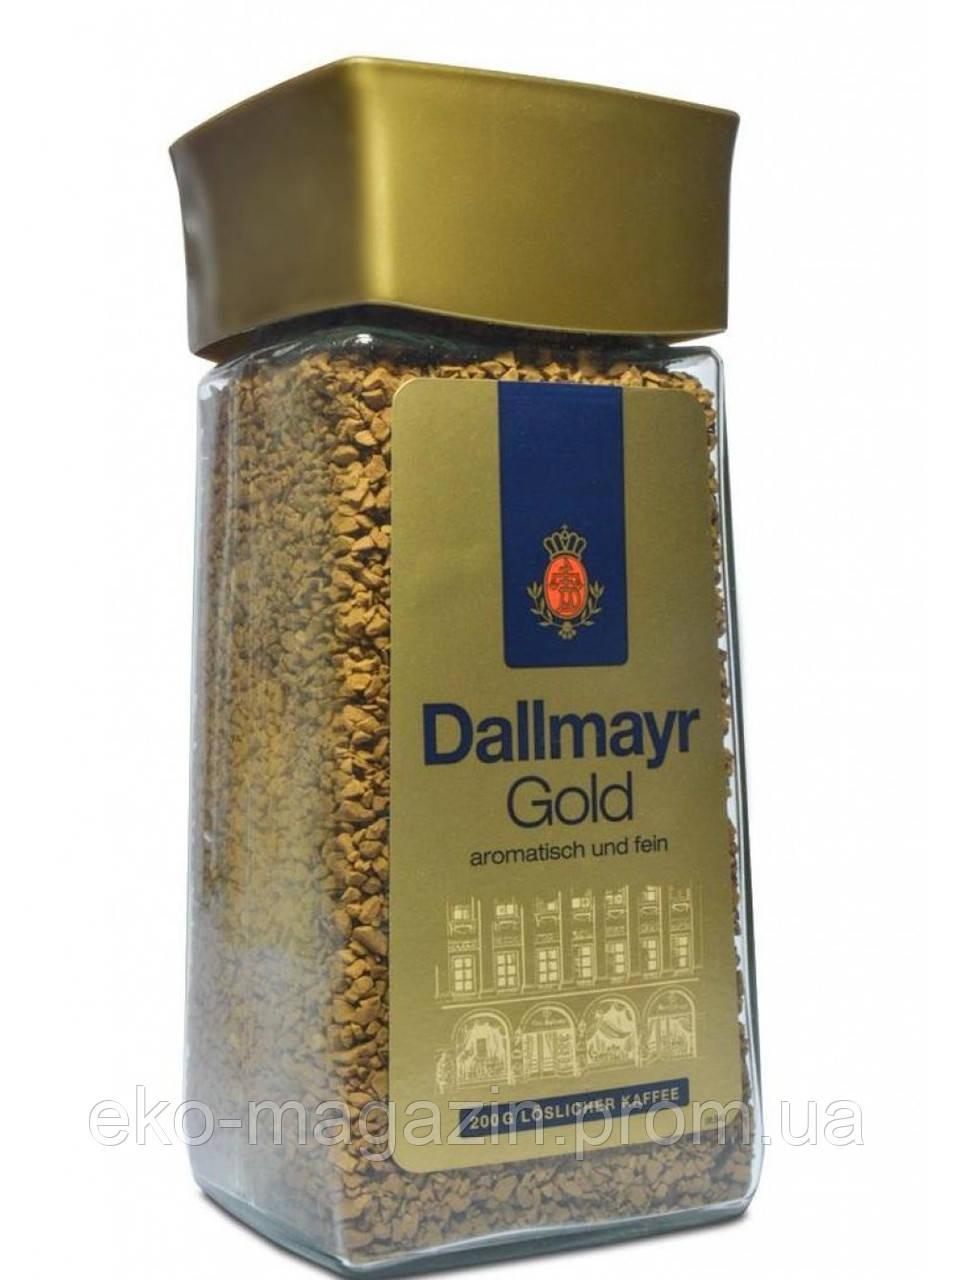 Кофе Dallmayr Gold 100гр, 200гр-200грн